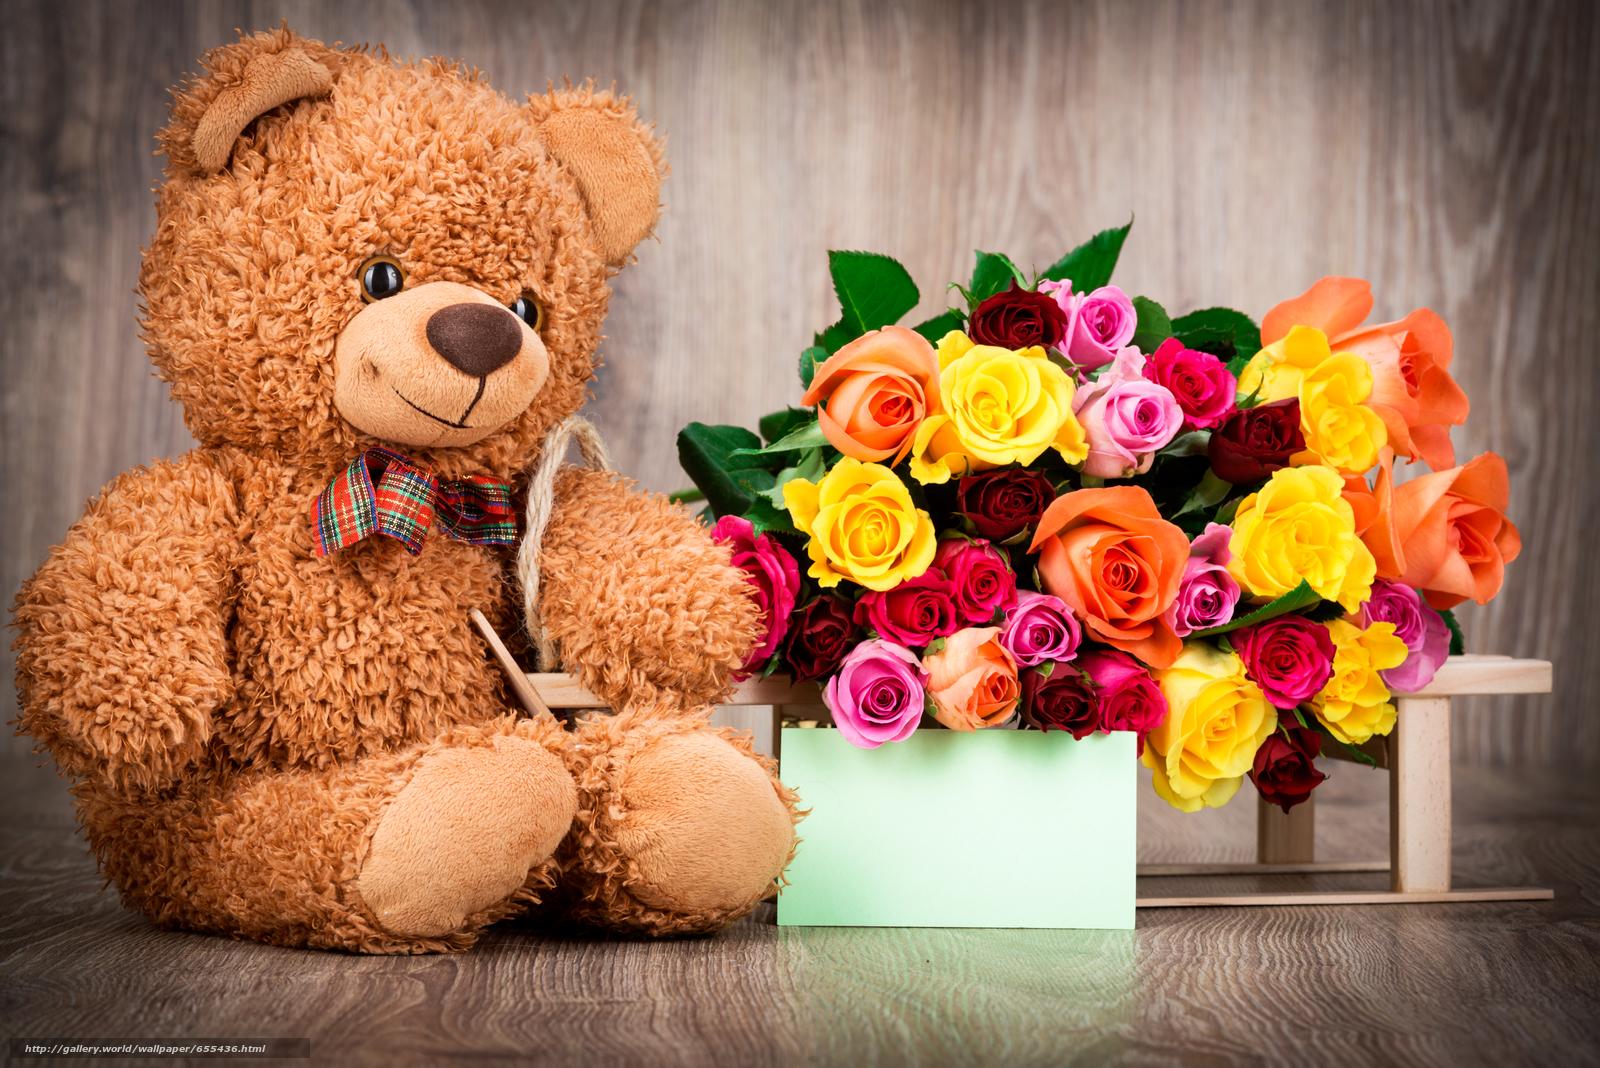 Фото мягкая игрушка с цветами